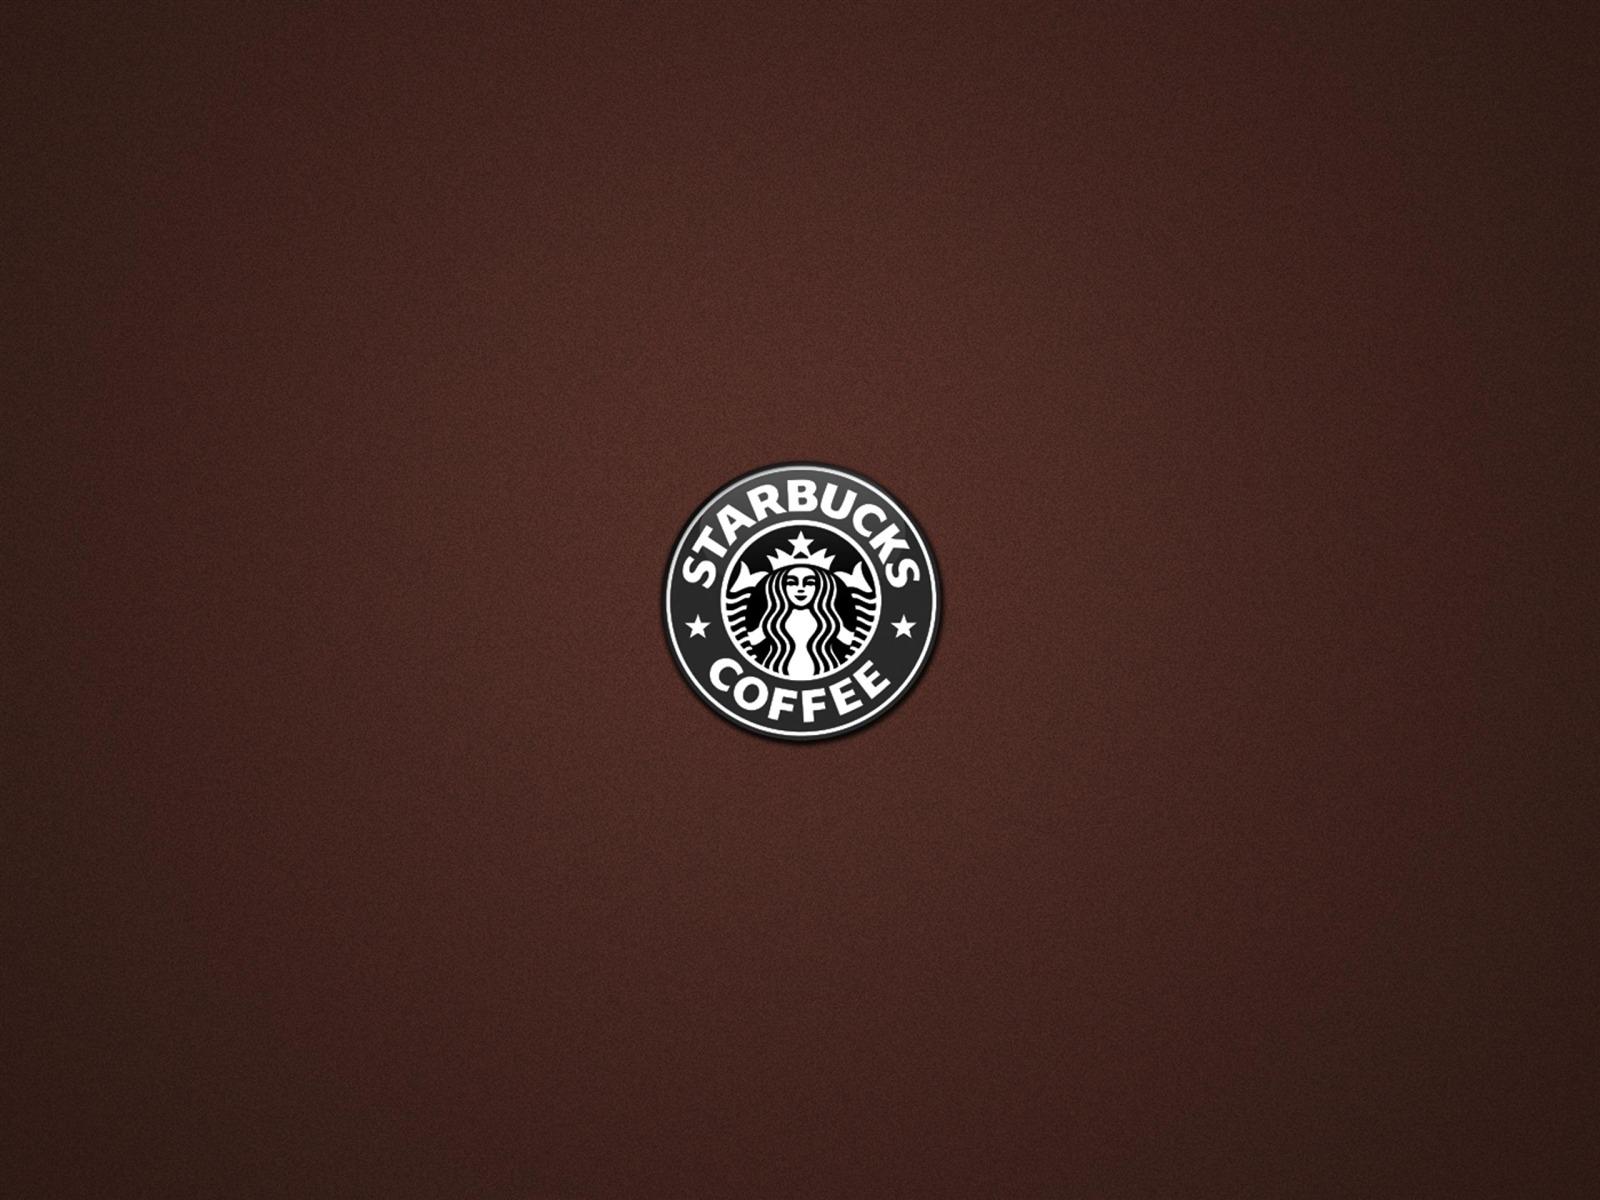 Assez logo Starbucks-Fond d'écran publicité Marque-1600x1200  HE12